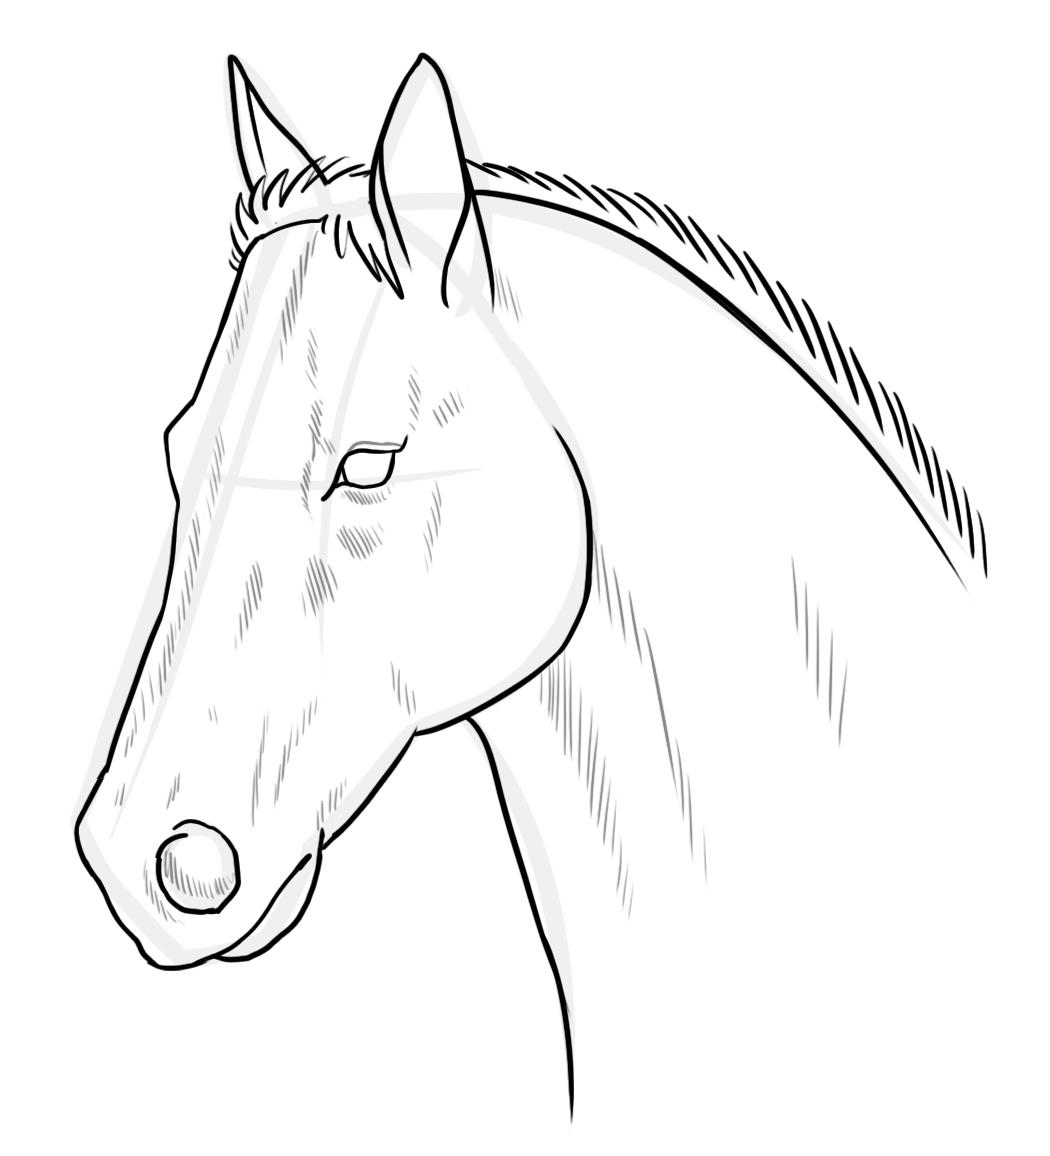 картинка головы коня для качеству сразу